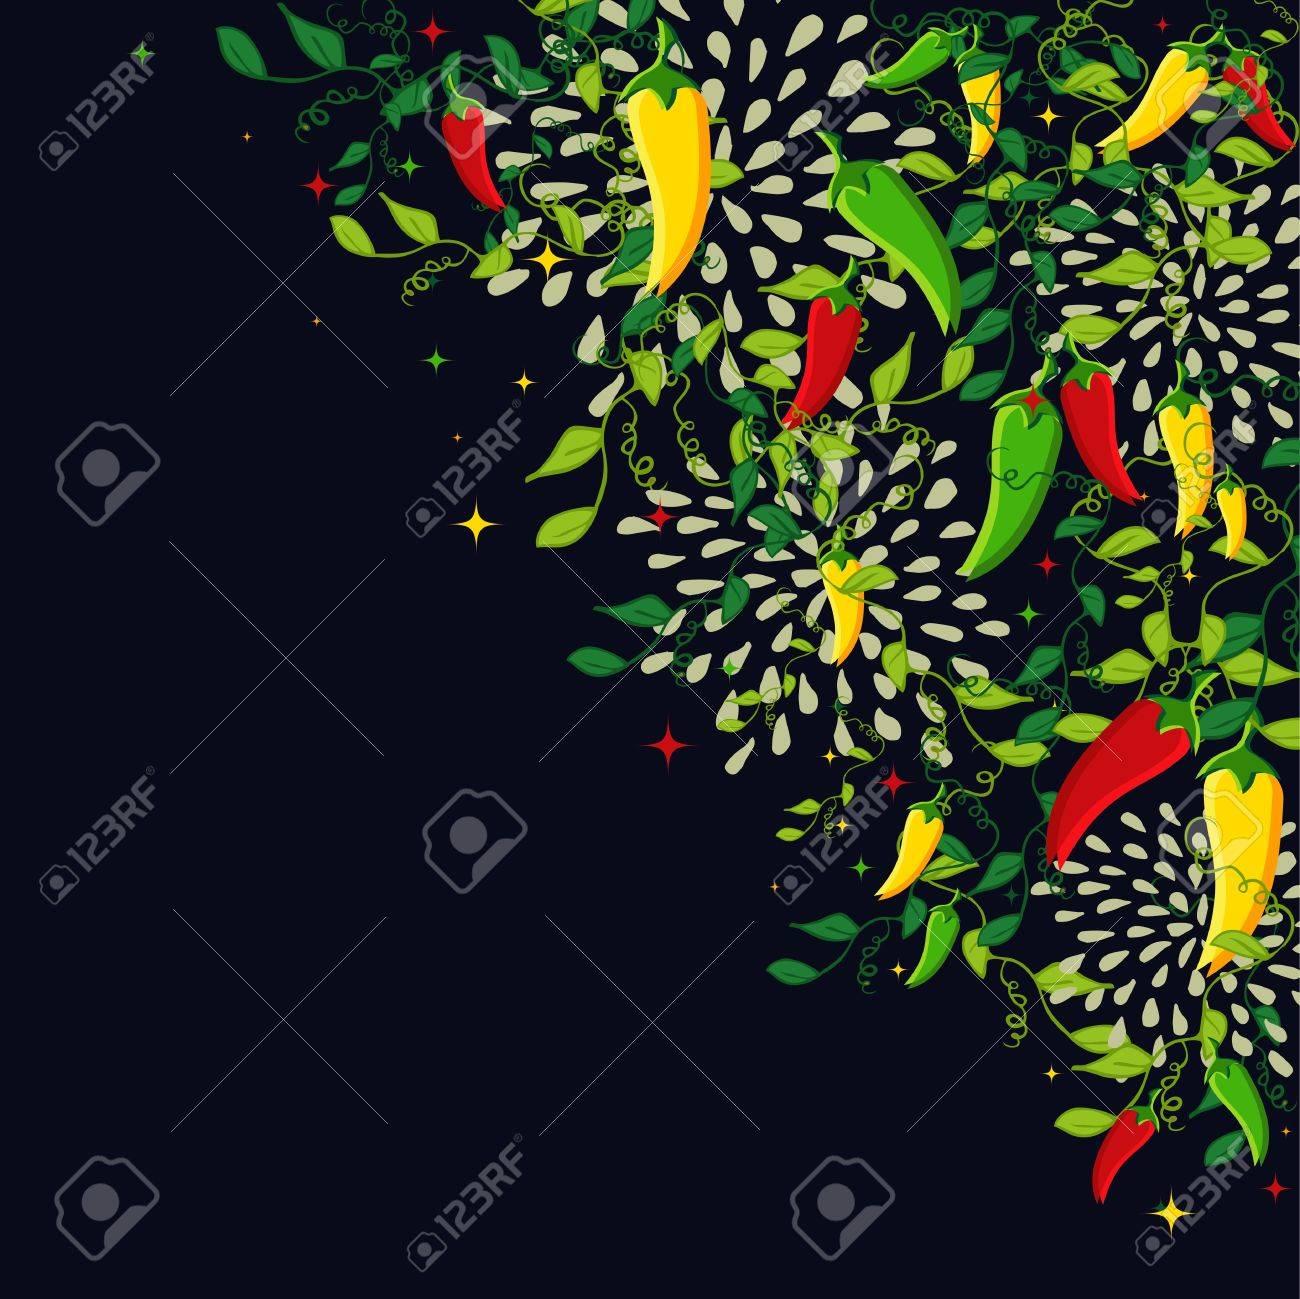 カラフルな唐辛子とメキシコ料理の背景イラスト。メニューのカード